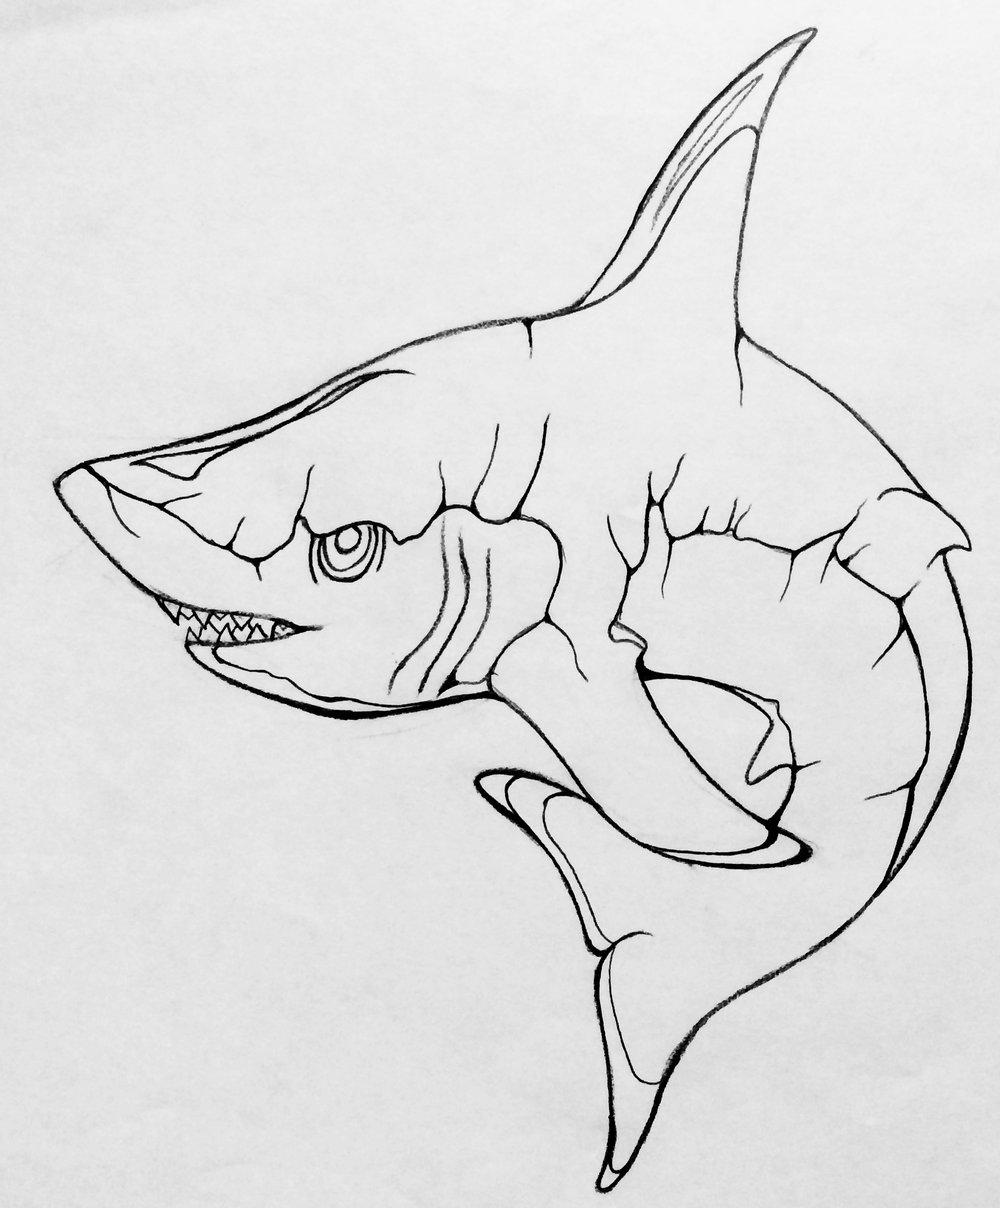 1-Sketch.jpg